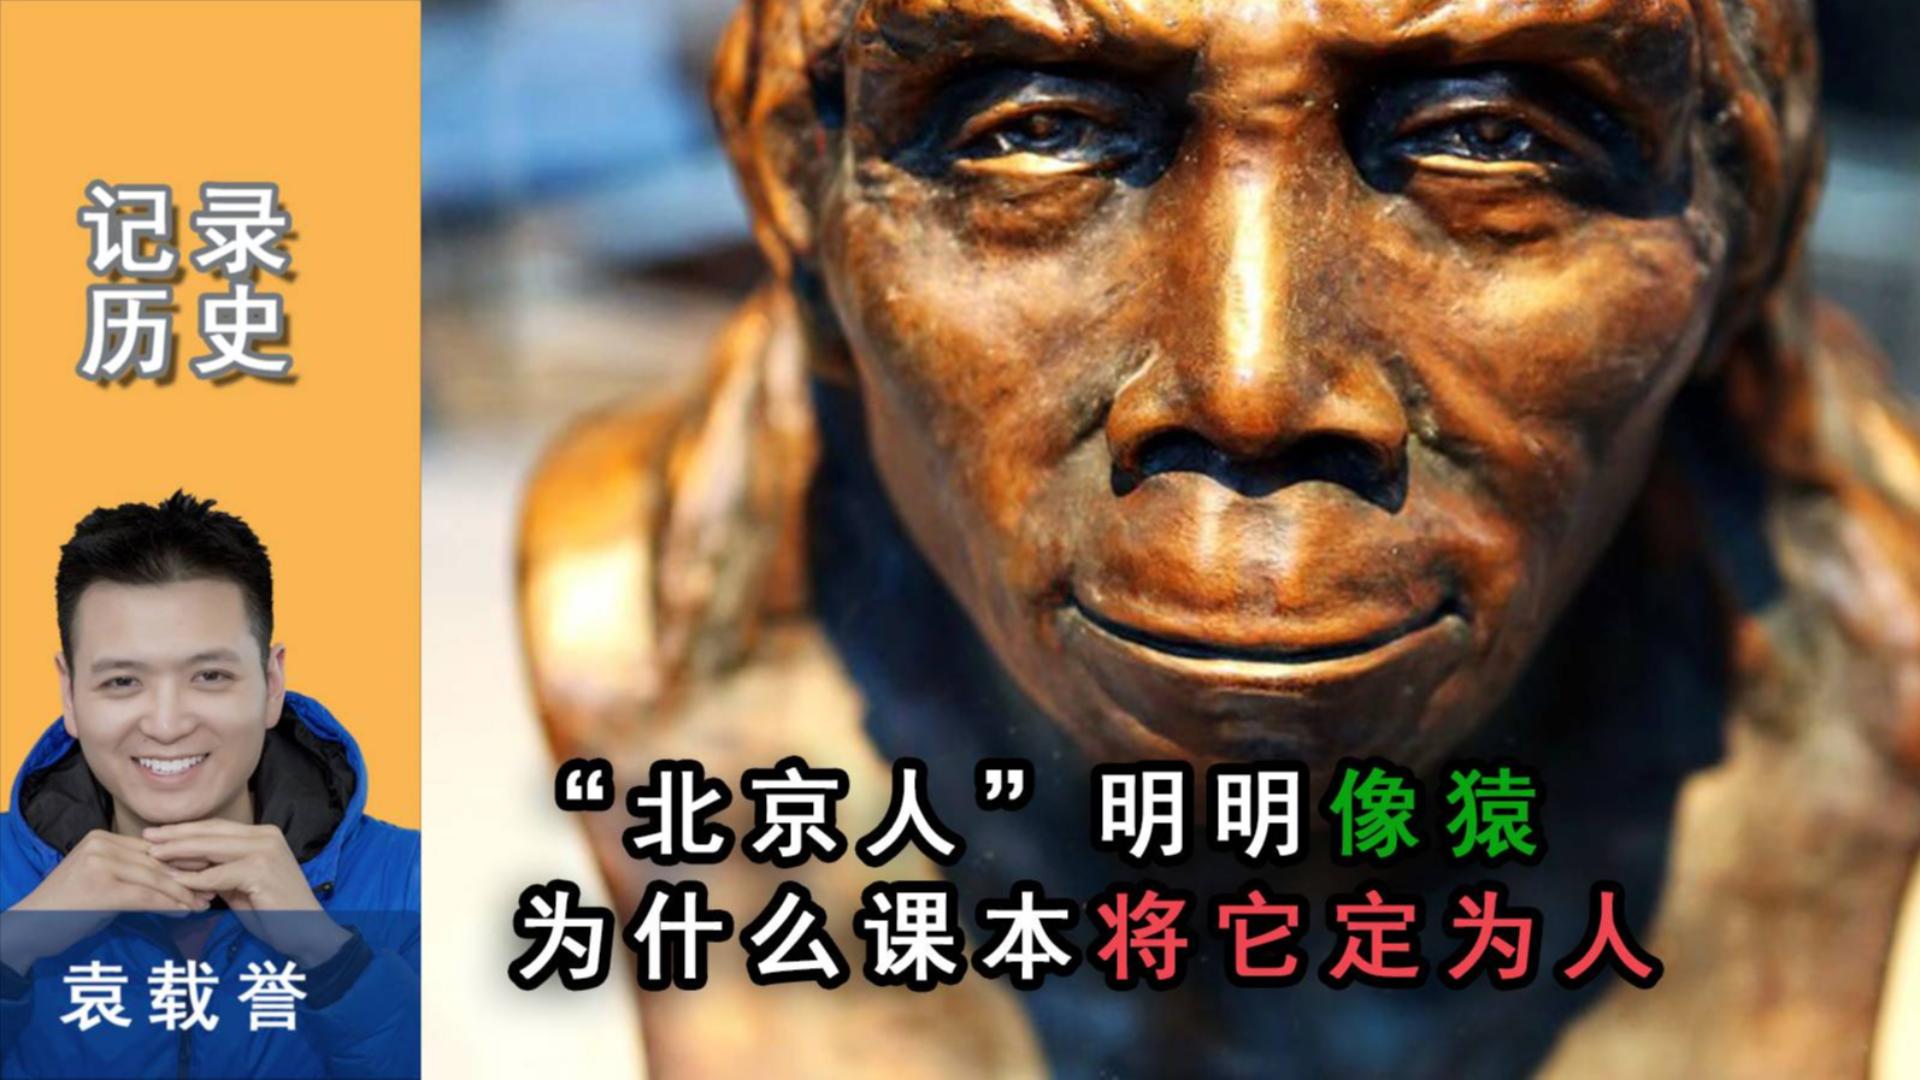 """""""北京人""""长相,还保留""""猿""""的特征,历史书凭啥说他是""""人""""?"""